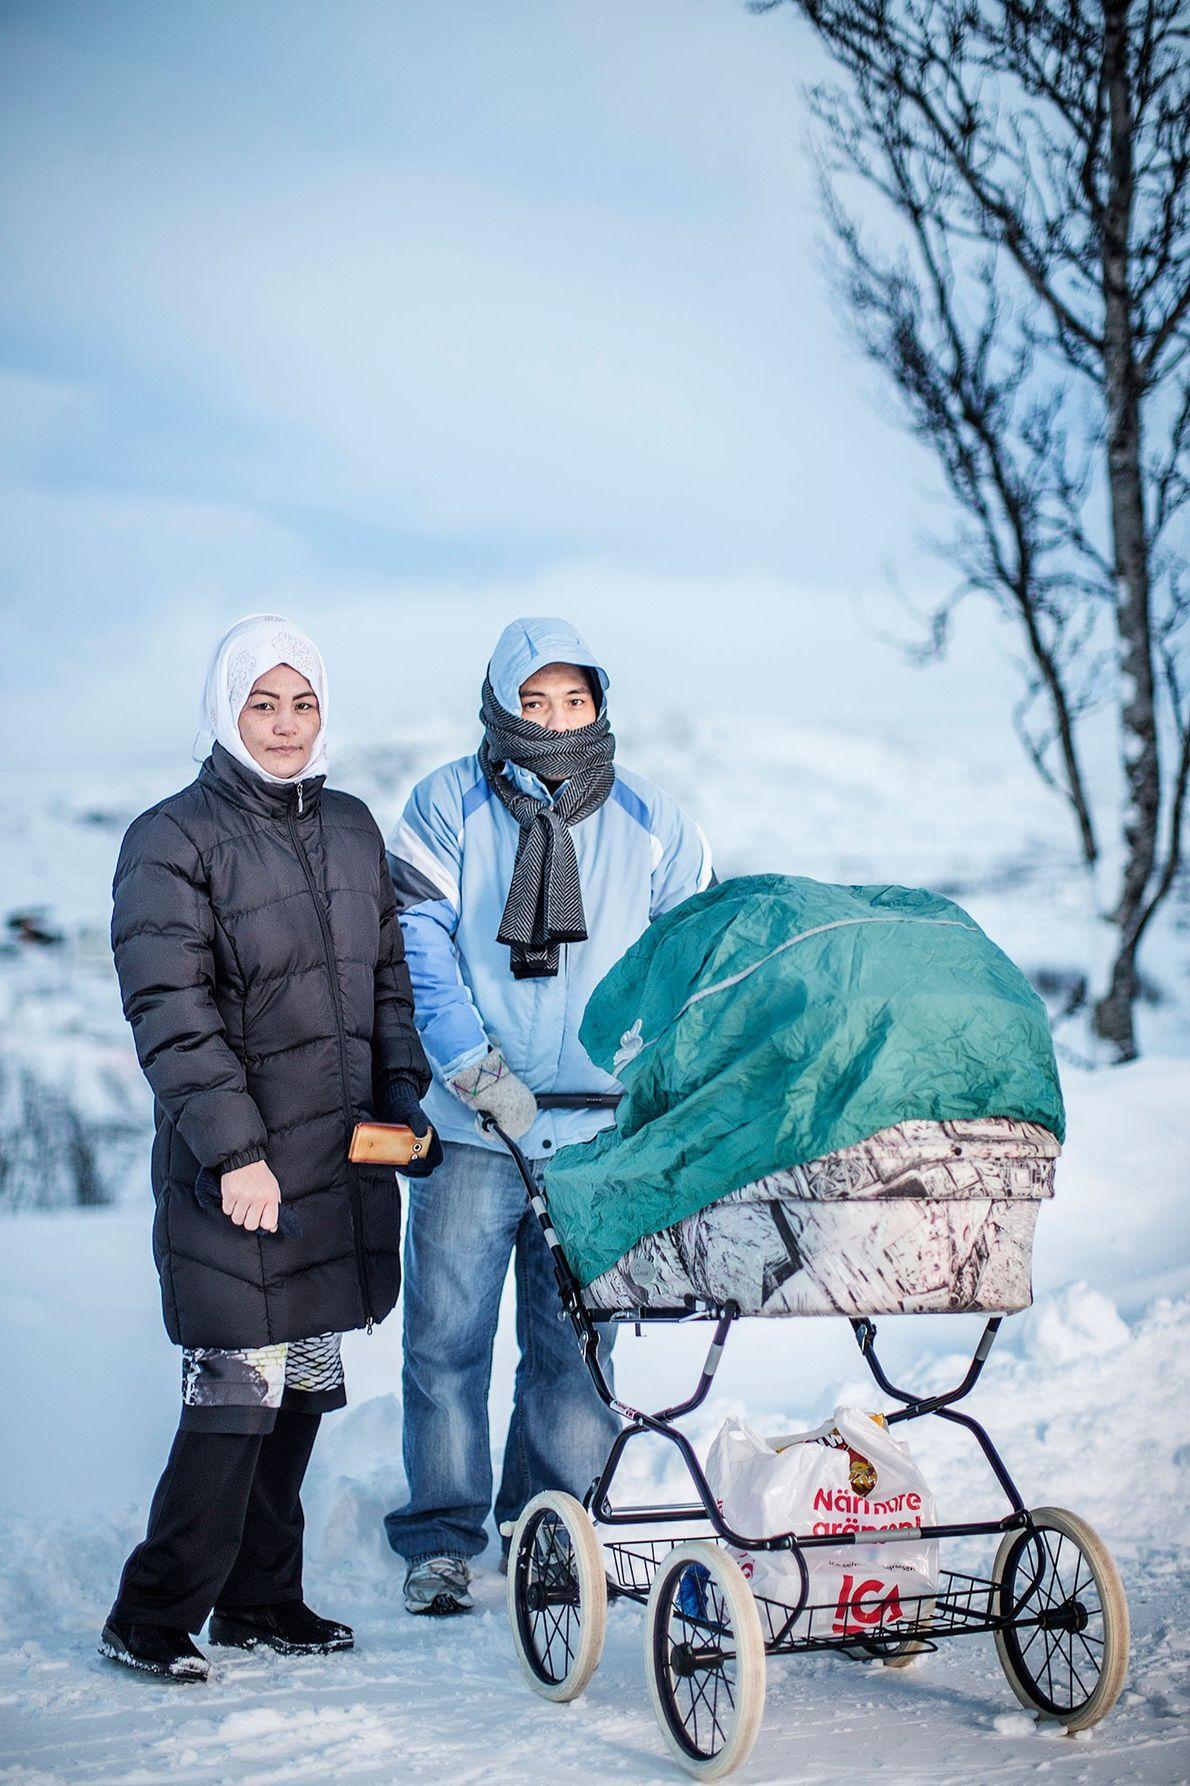 Fotografia de Saker Hossein Nabavi com a sua mulher Sakine e o seu filho